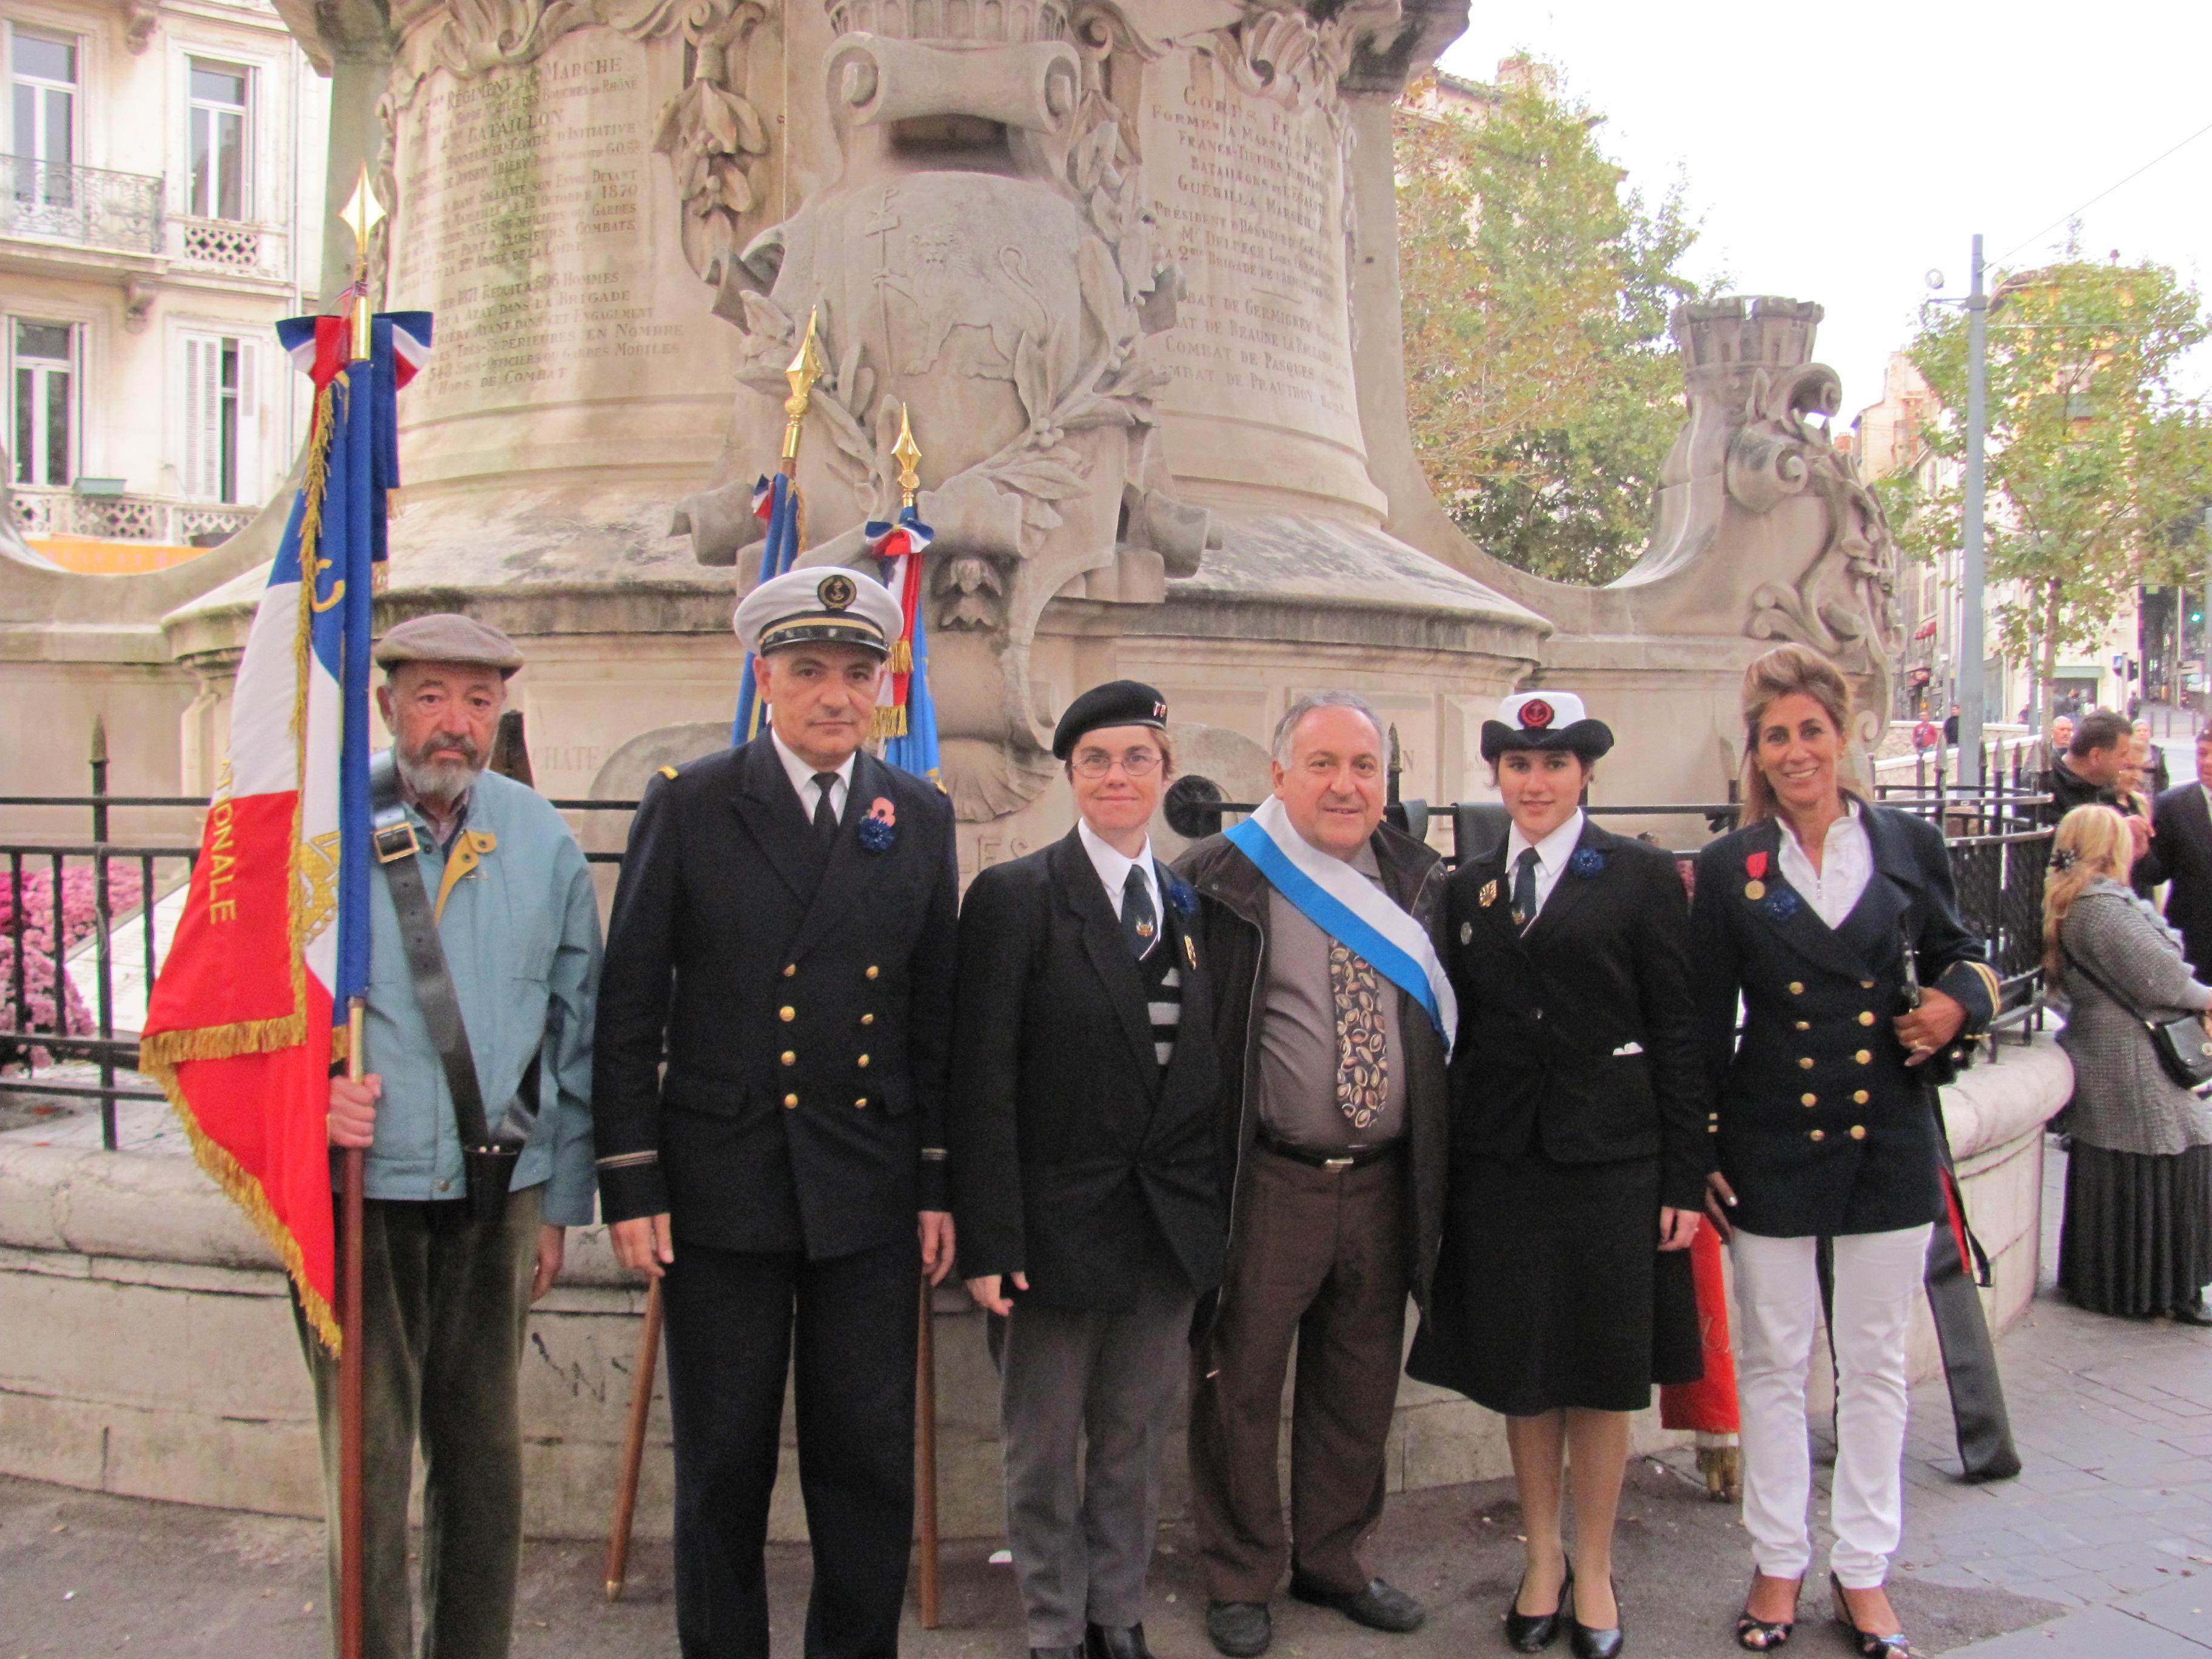 11 novembre : On ne doit pas toucher à la mémoire en regroupant l'ensemble des cérémonies commémoratives !